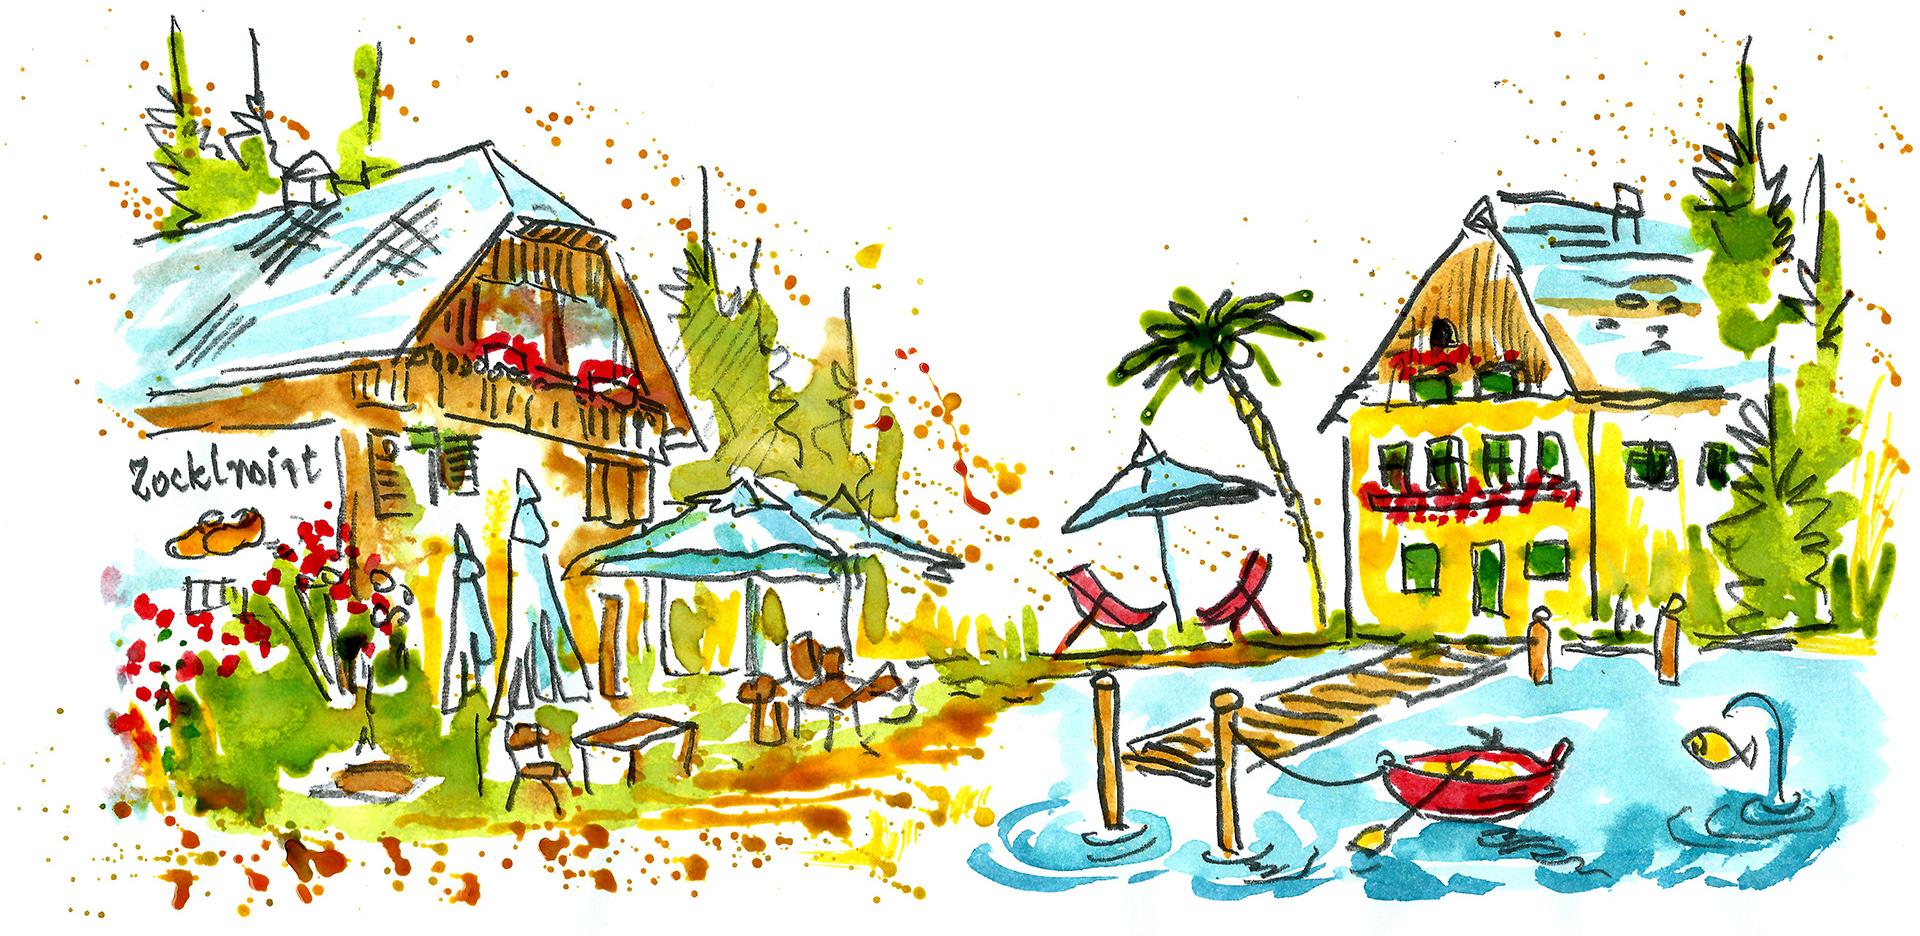 Zocklwirt und Seehaus groß